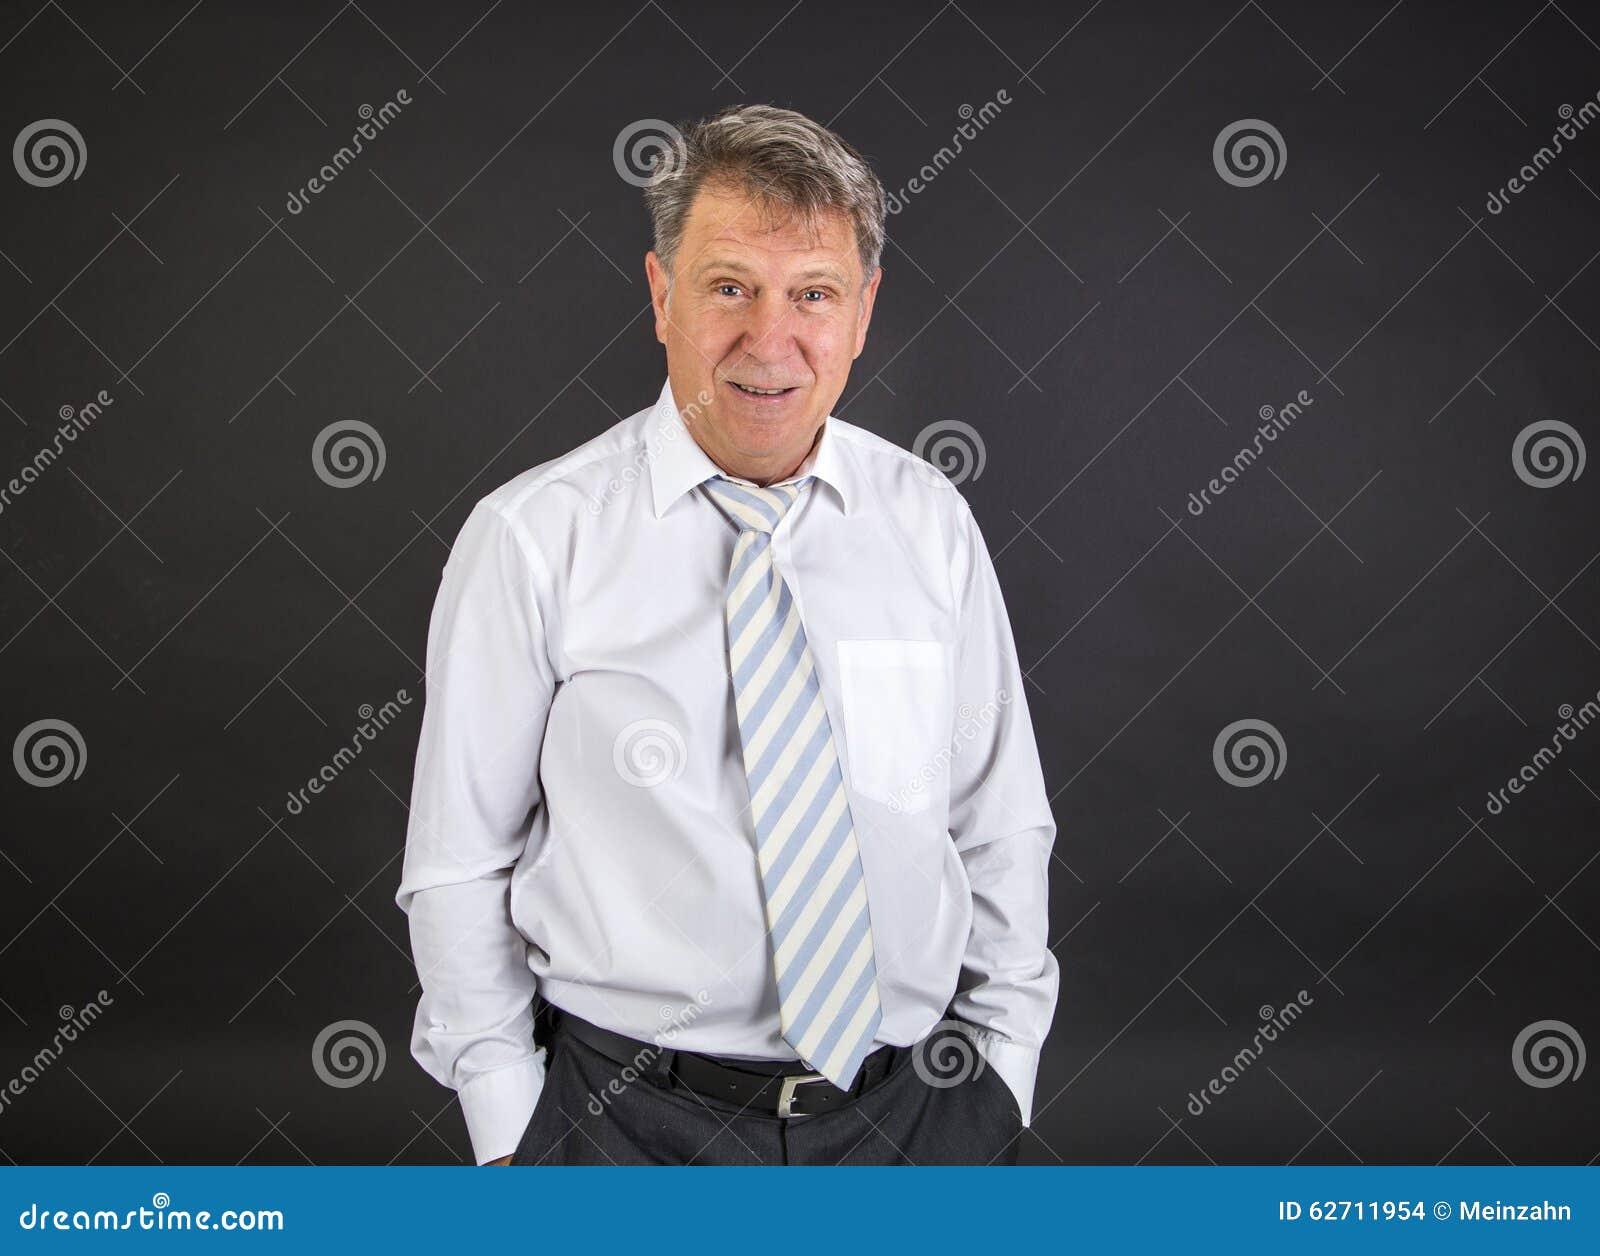 Όμορφος επιχειρηματίας στο άσπρο υπόβαθρο